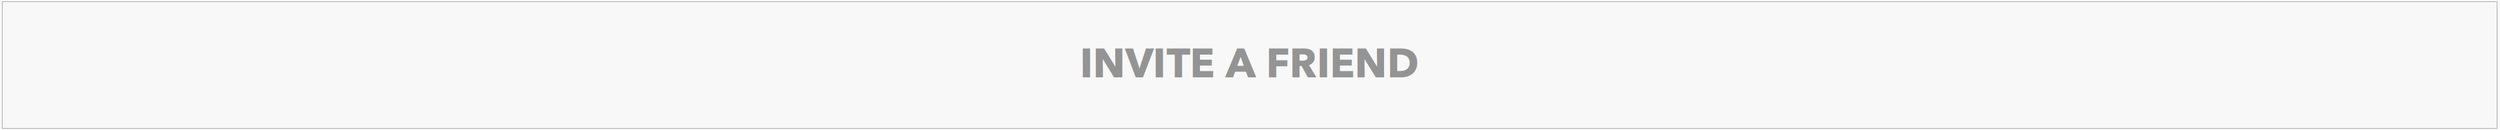 Invite button.002.jpg